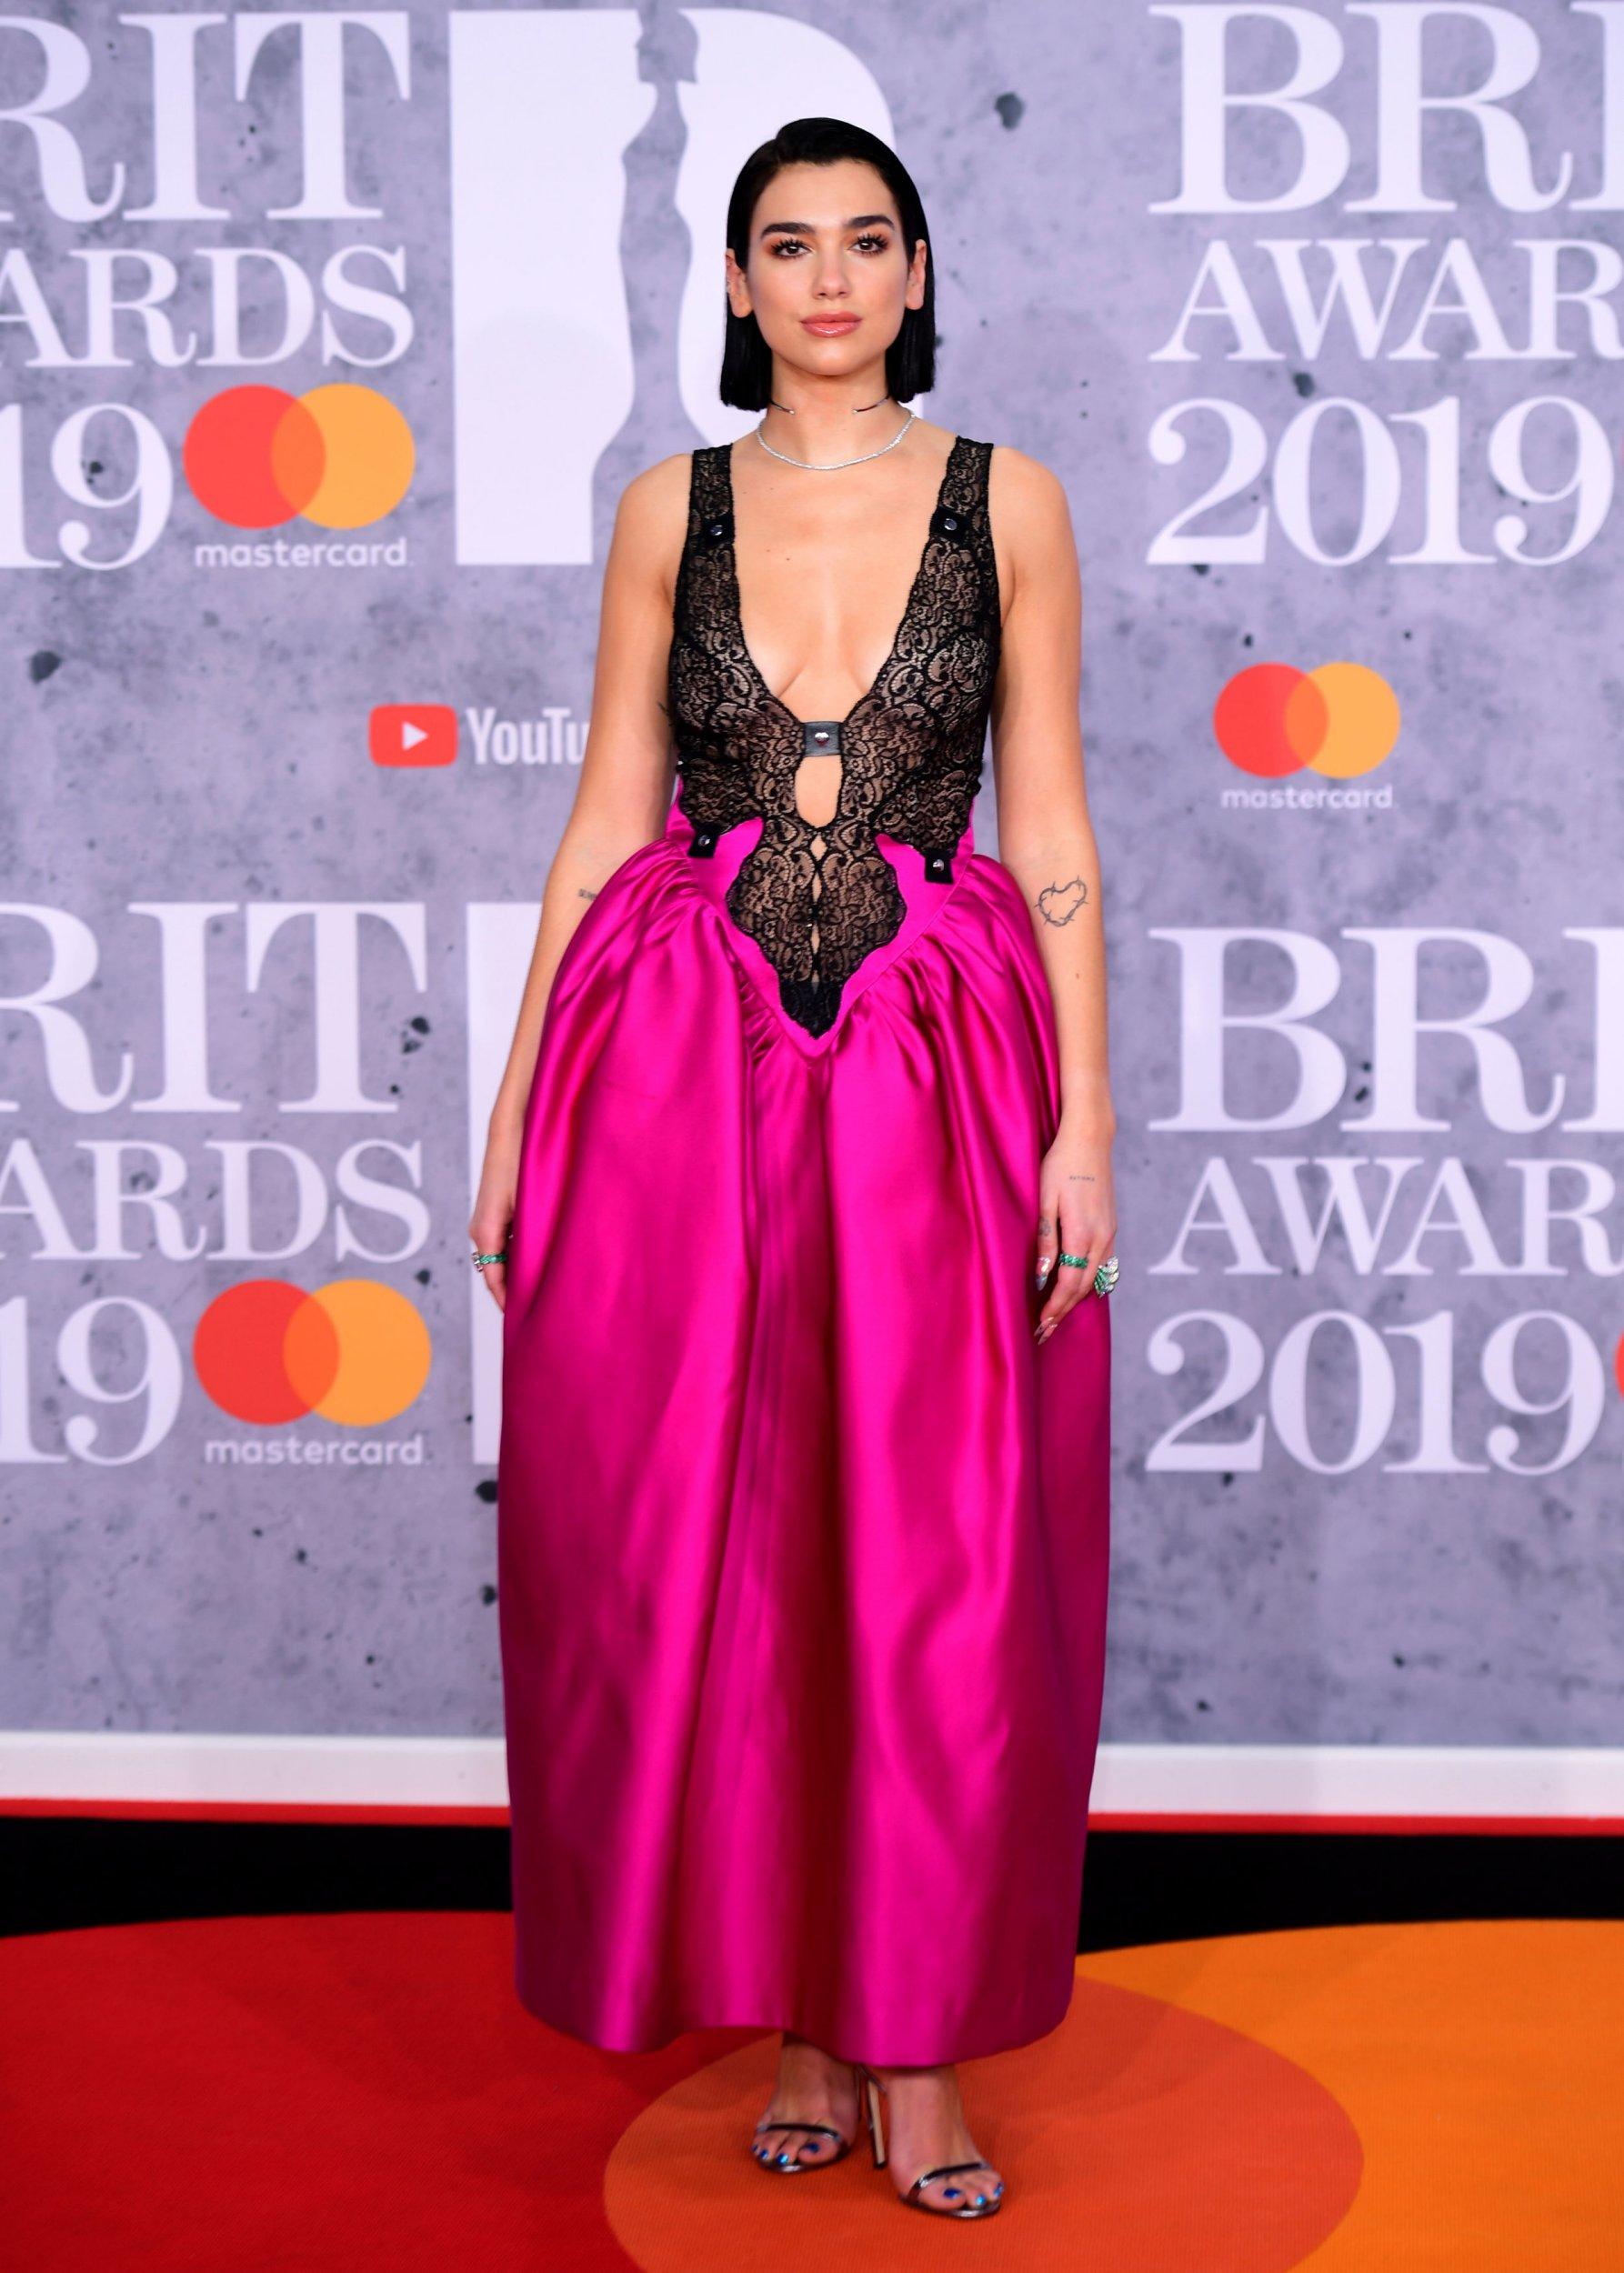 Uk dating awards 2019 fashion